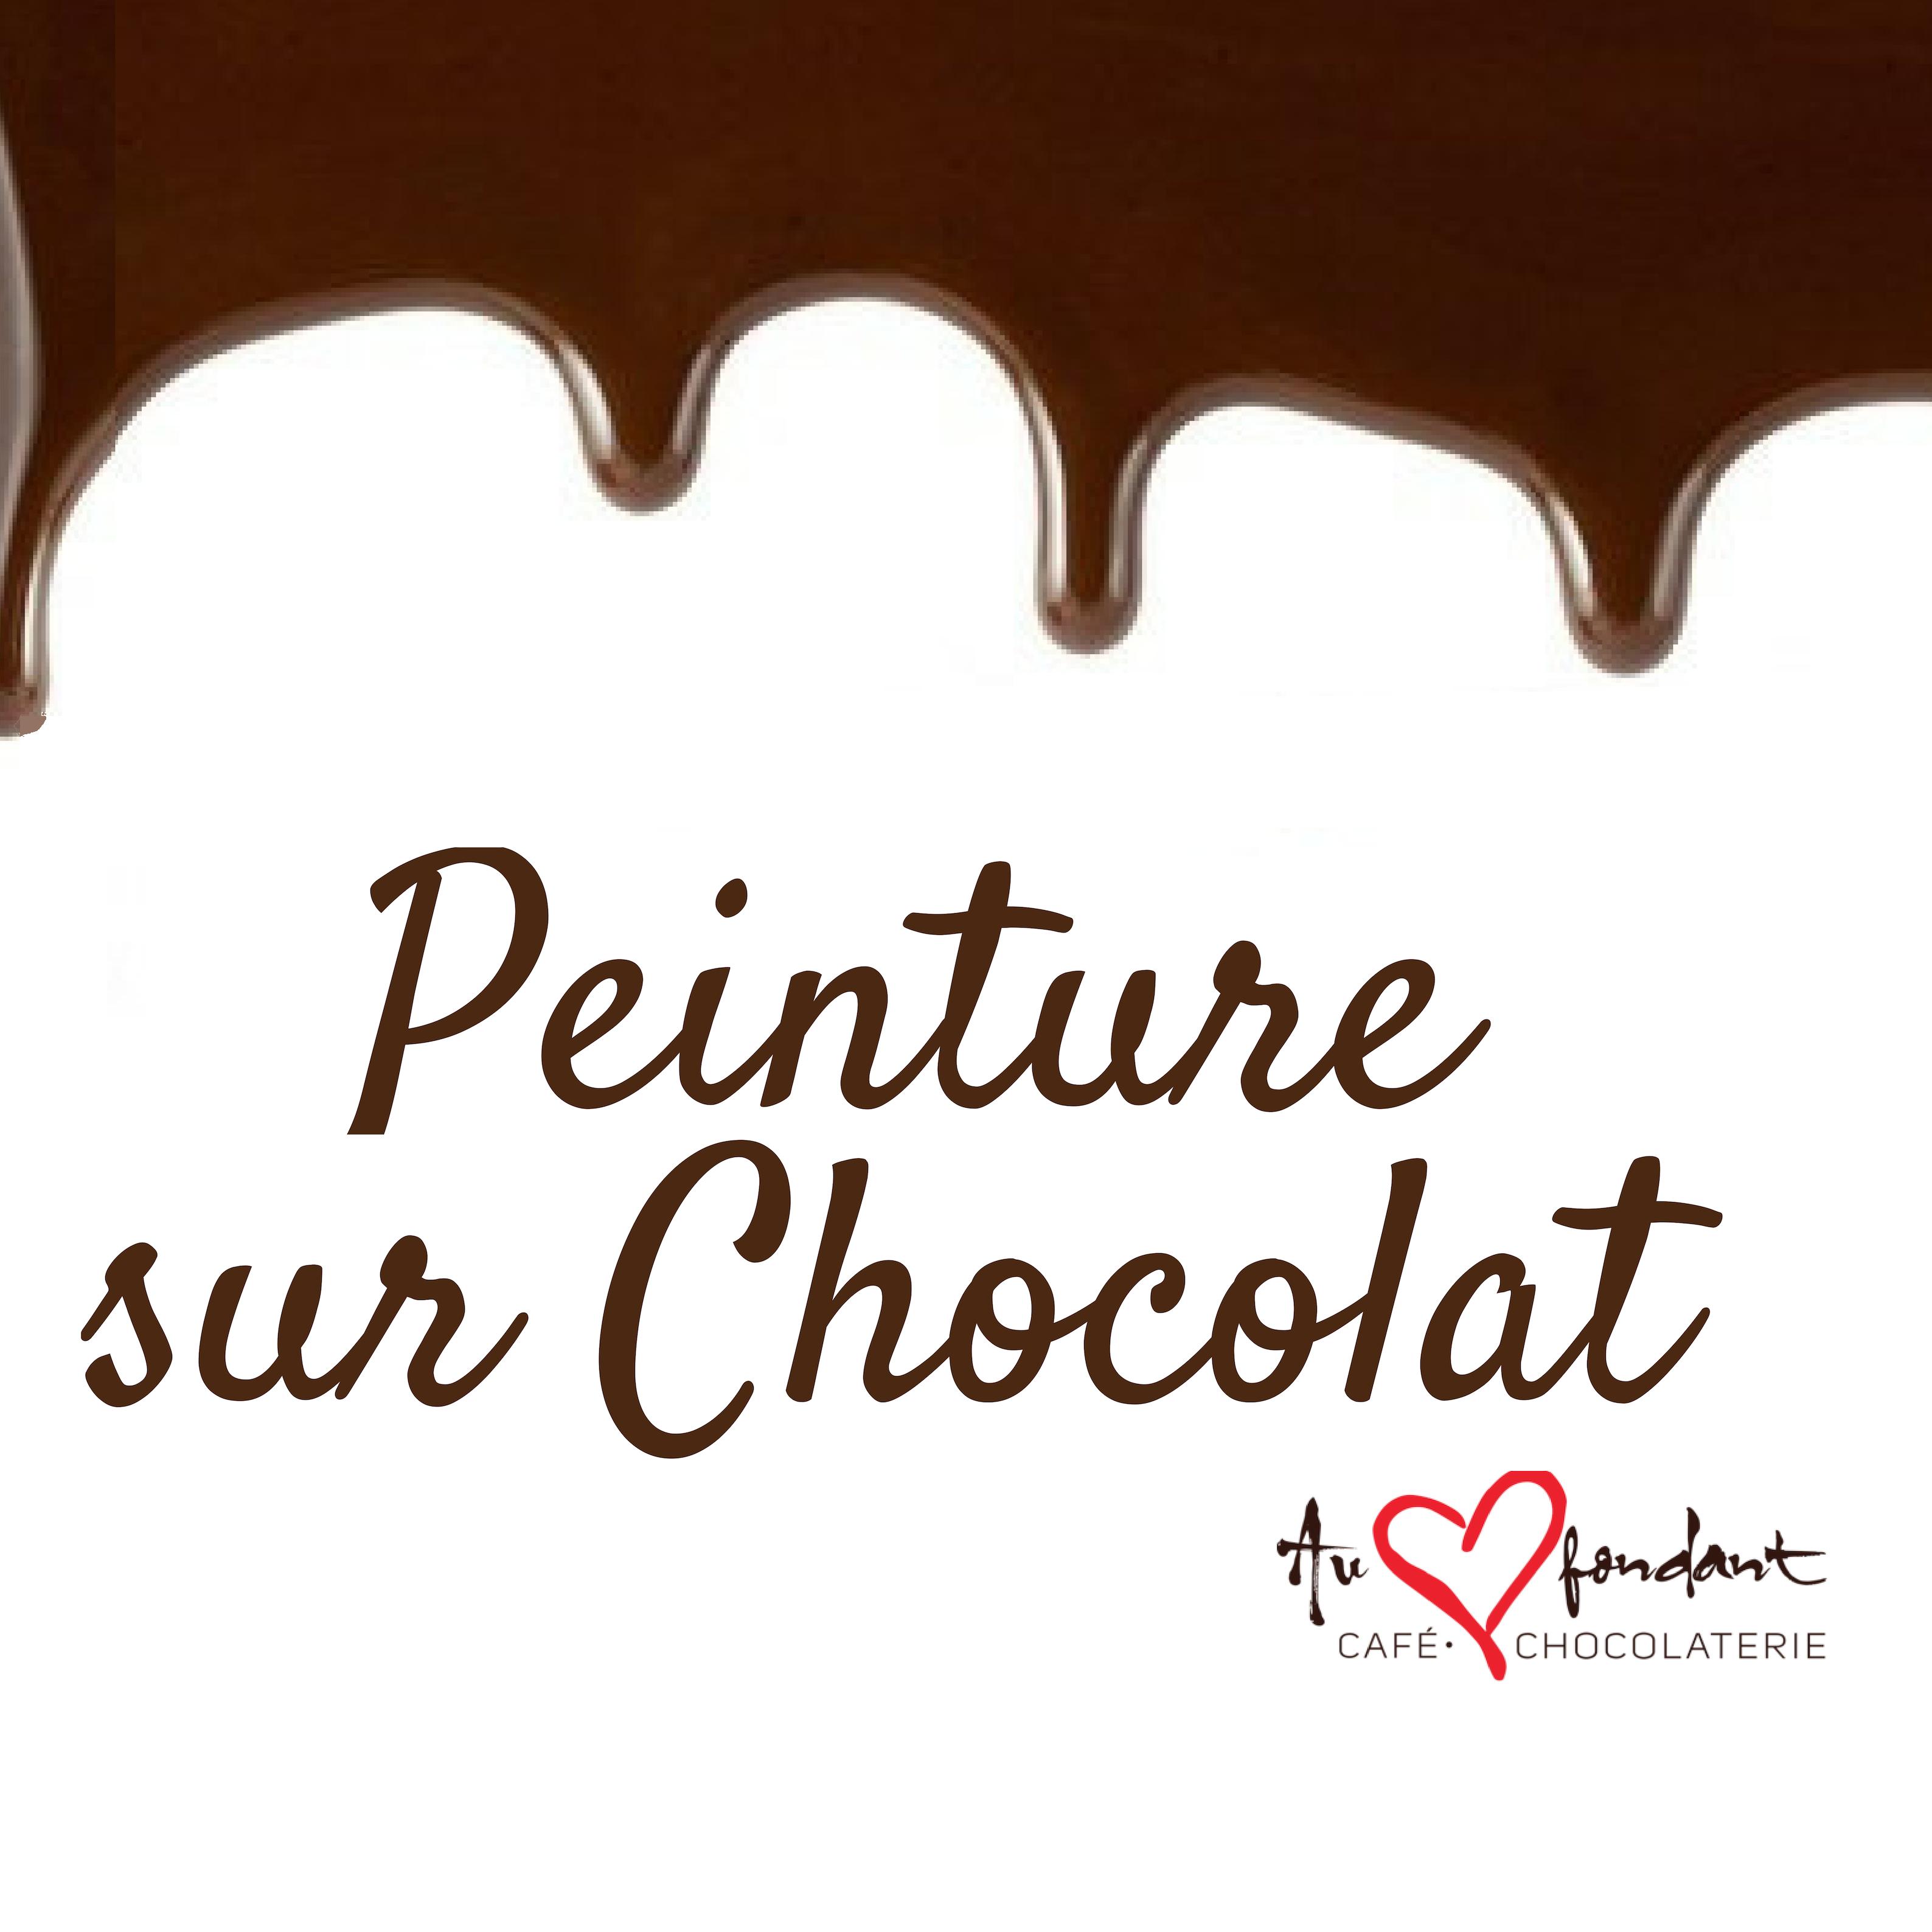 Peinture sur chocolat